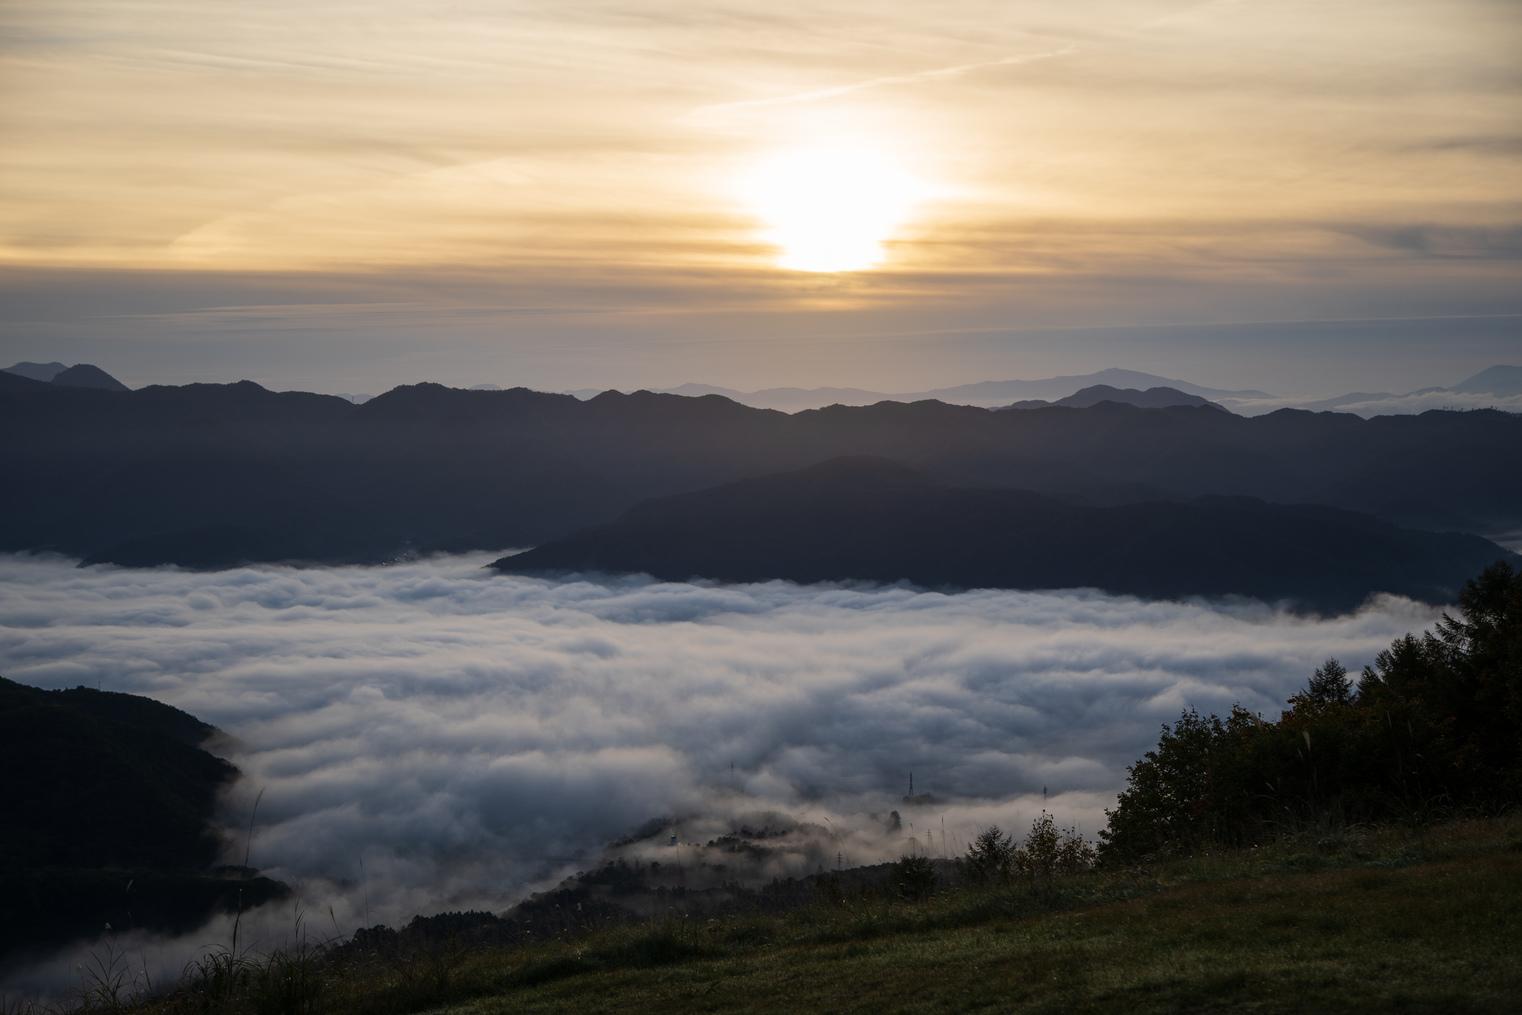 ご来光と共に雲海をご覧いただける日も